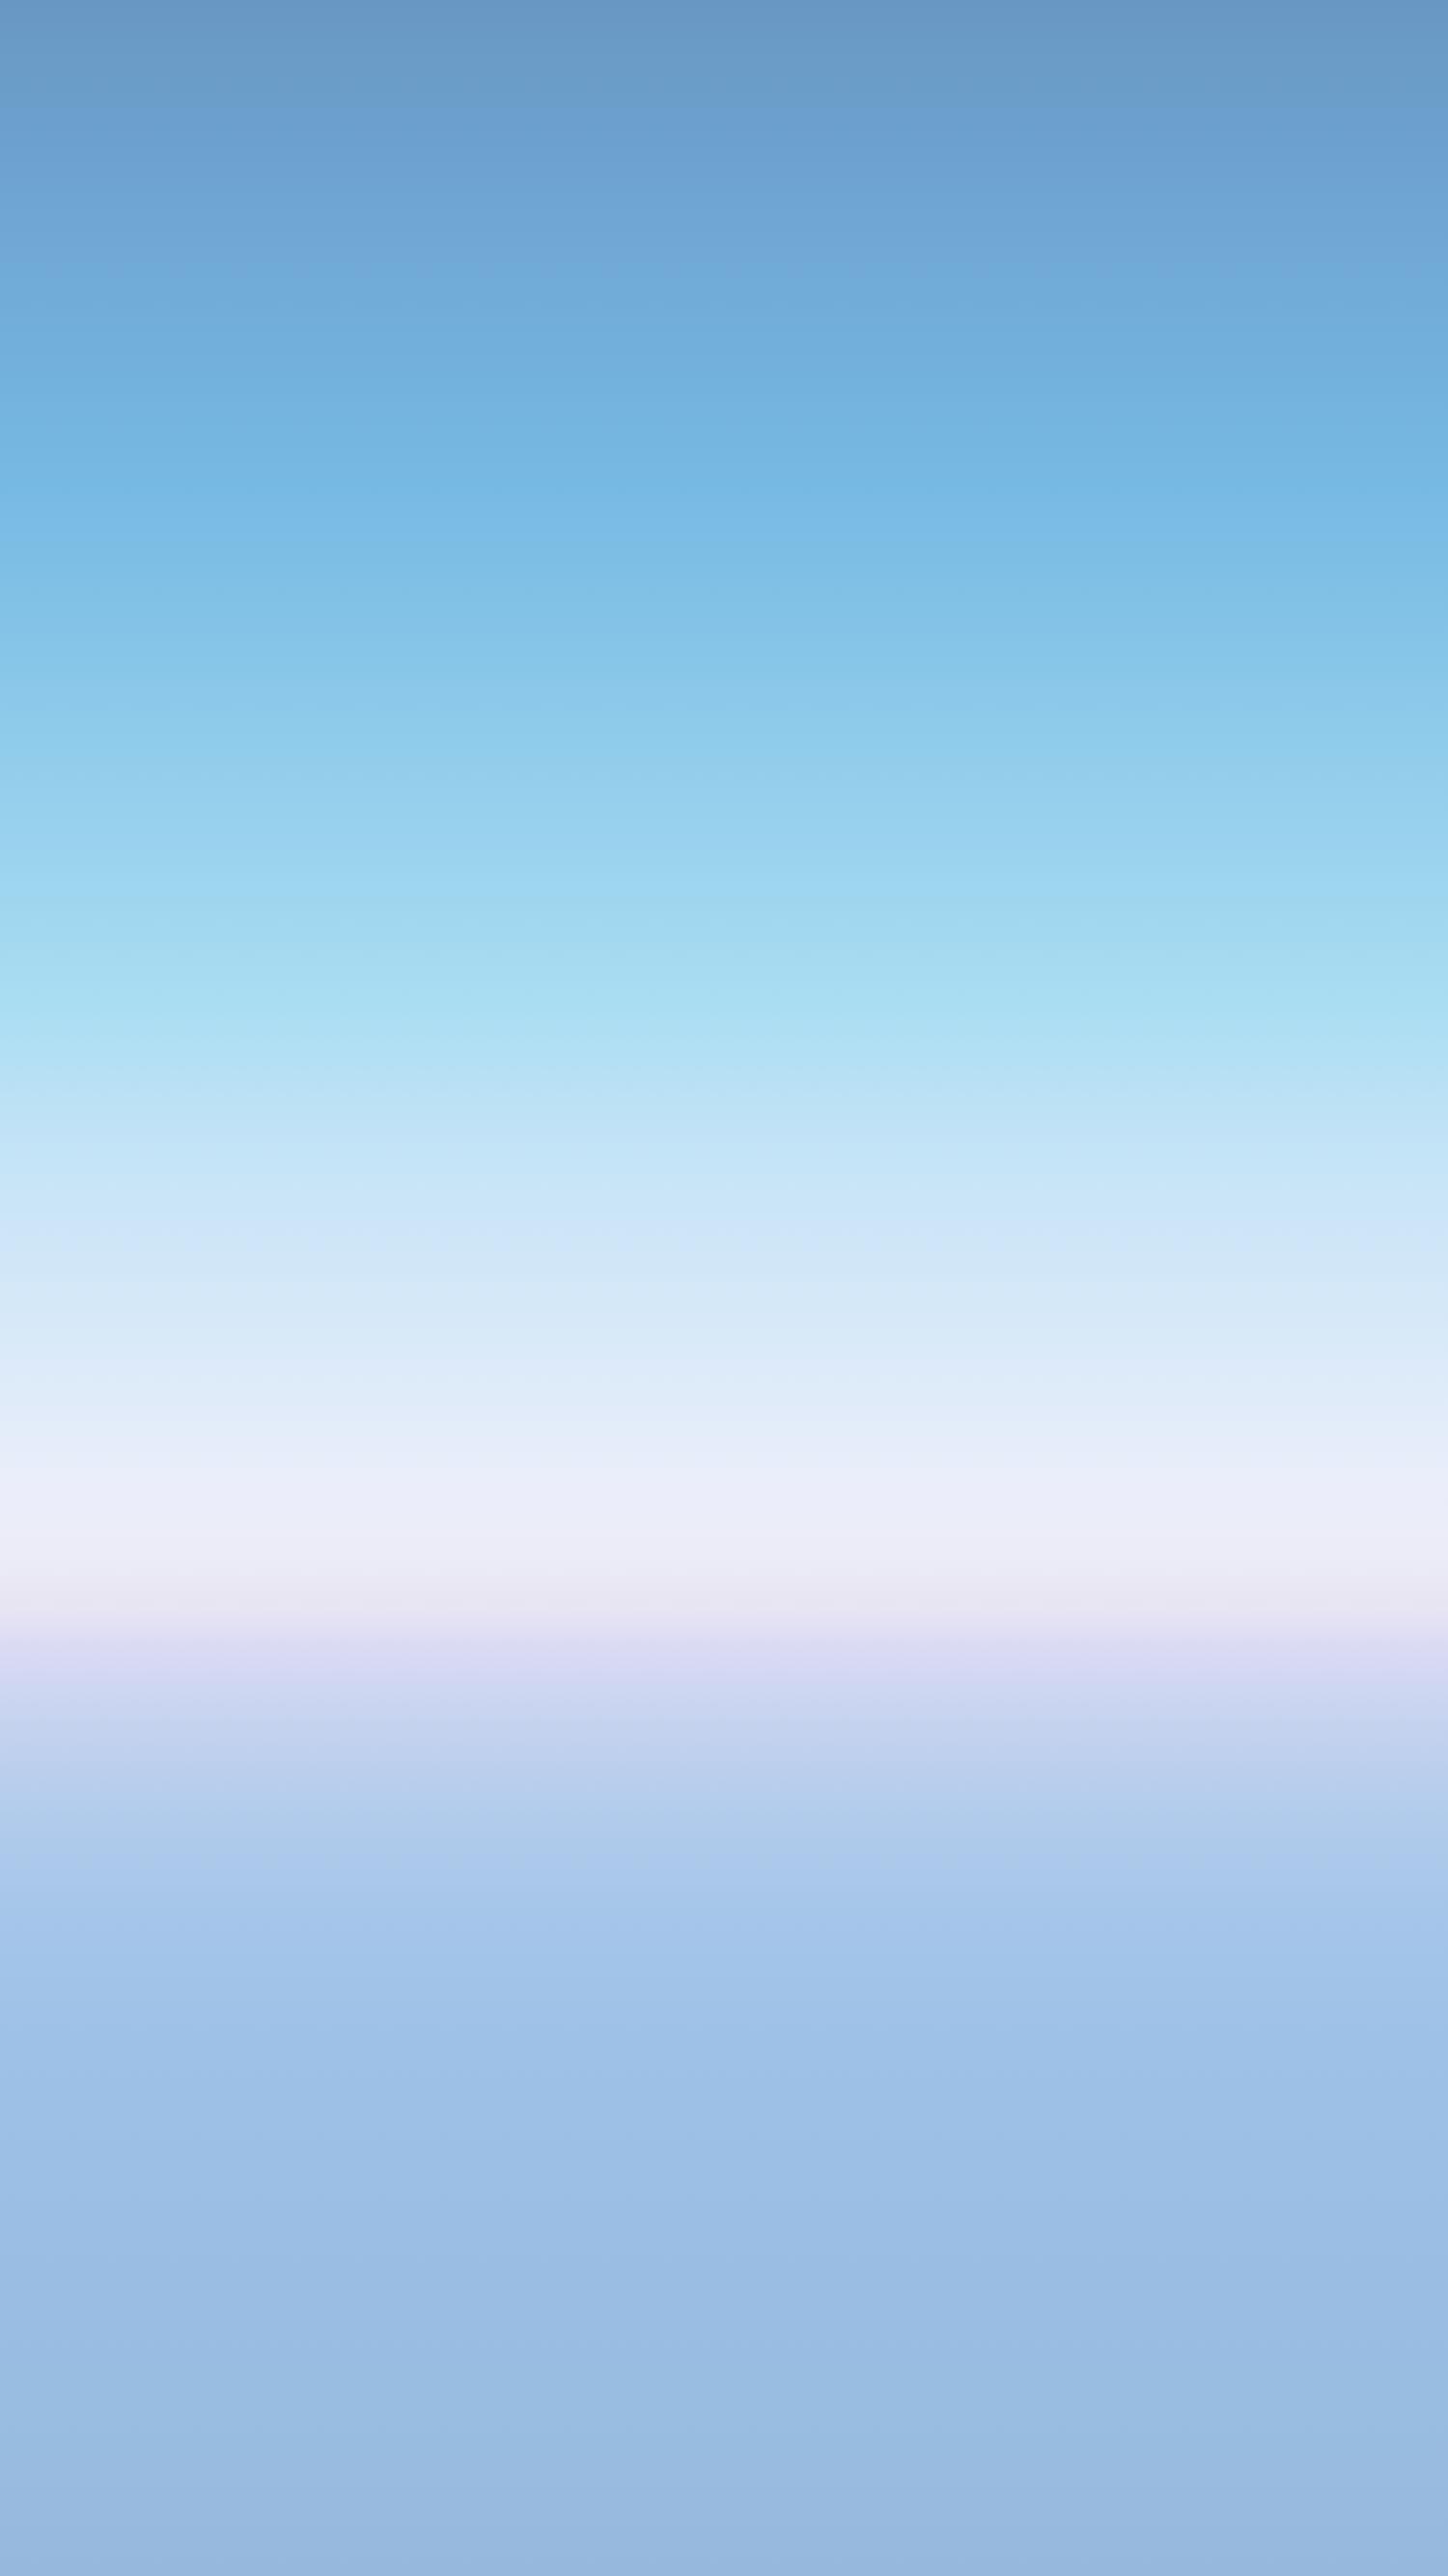 Iphone Wallpaper Lock Screen Simple